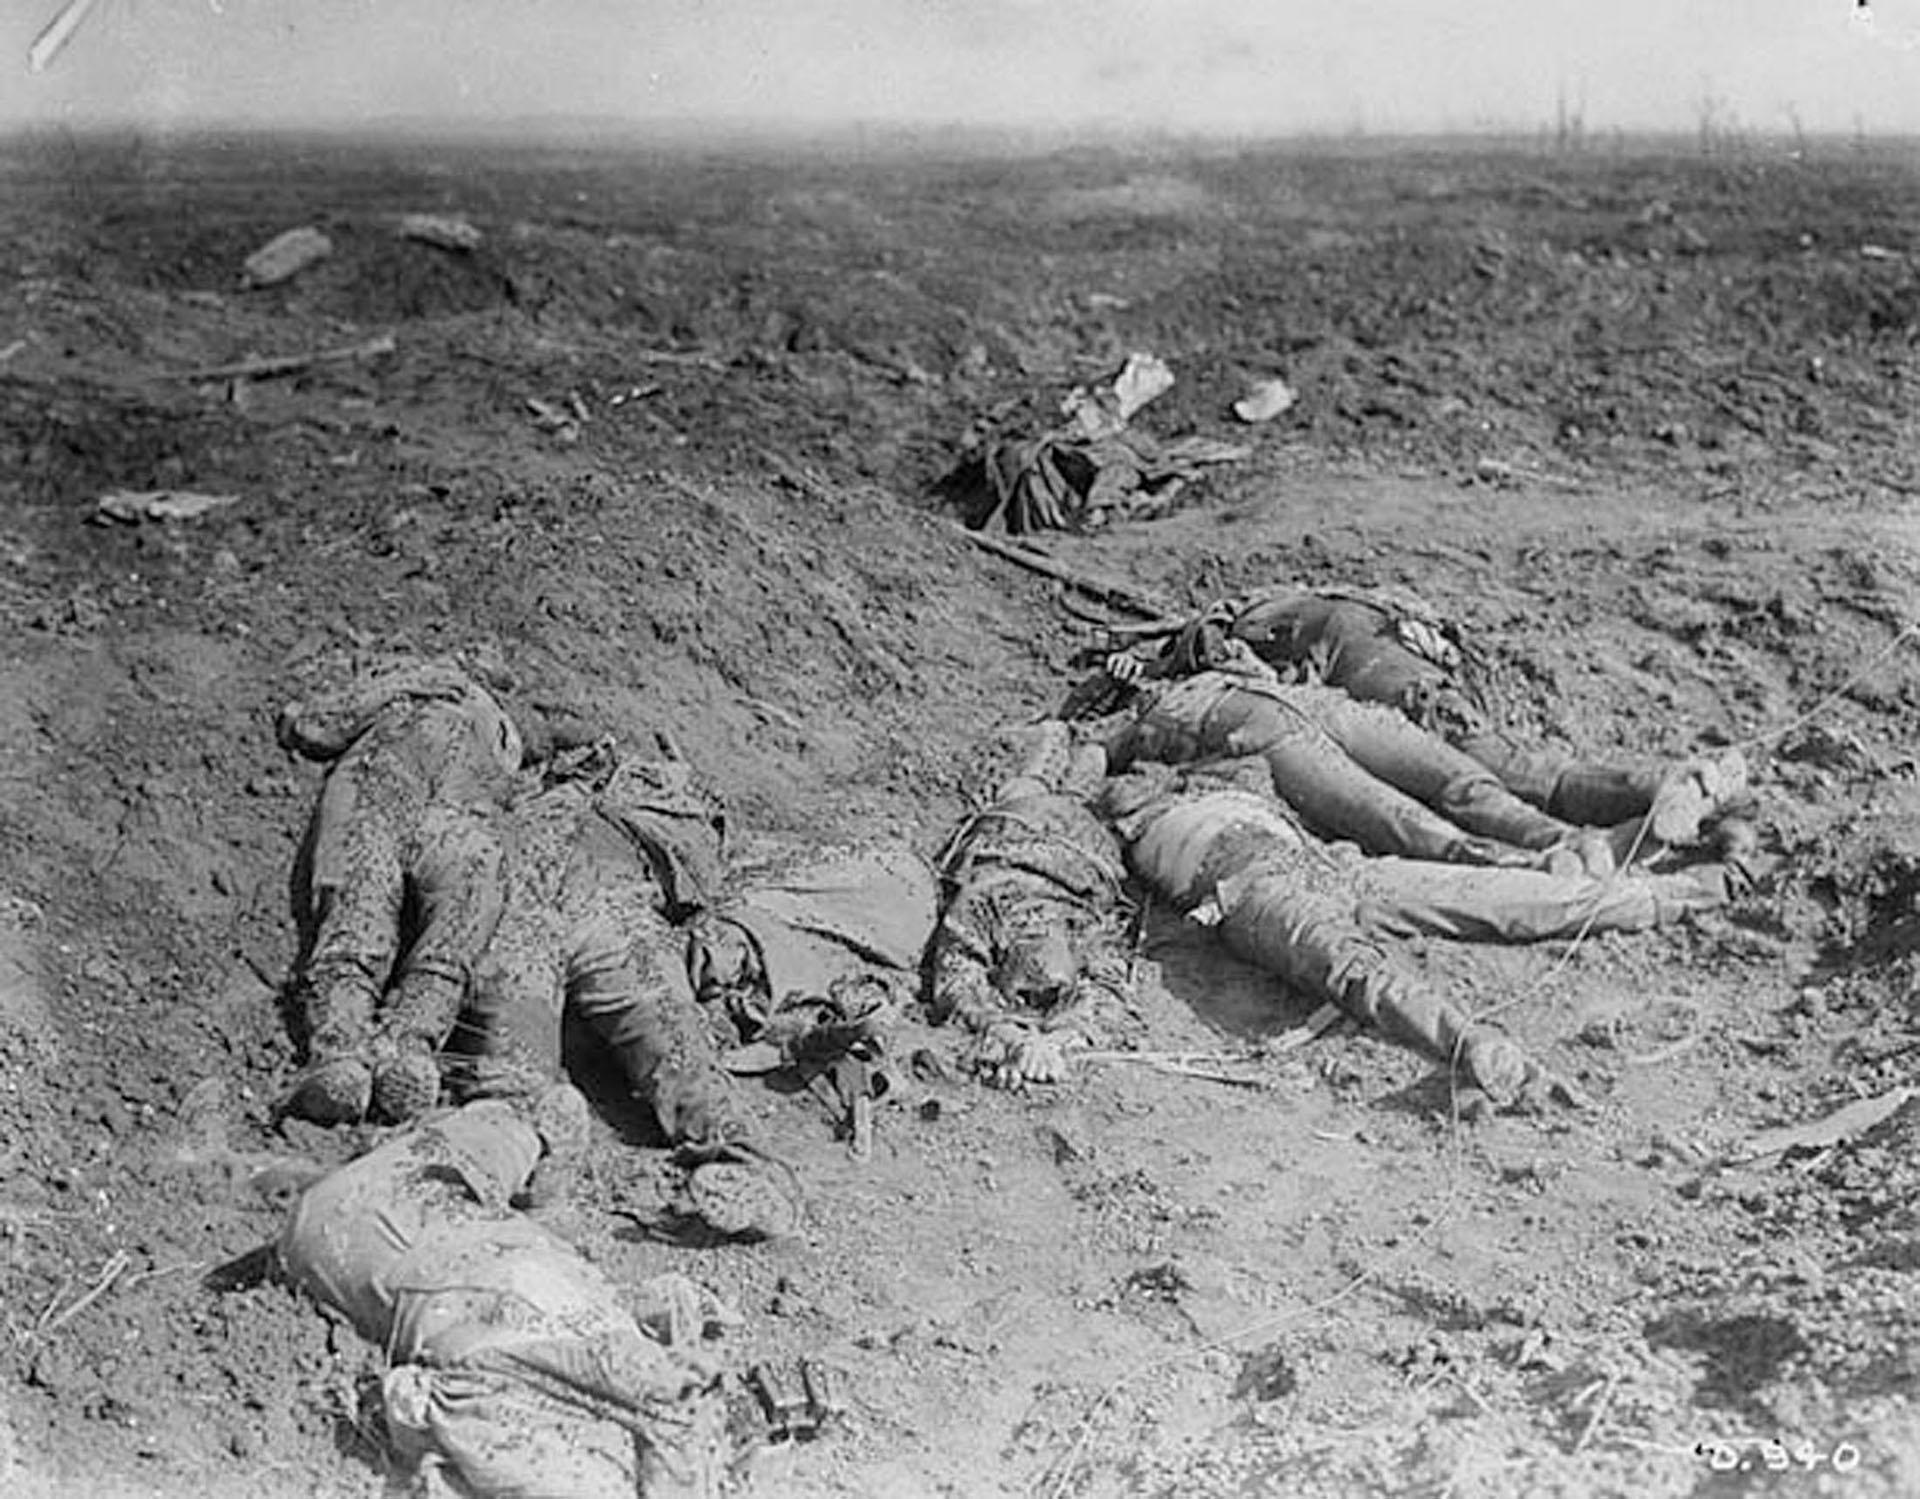 La batalla del Somme, que transcurrió alrededor del río del mismo nombre, en el norte de Francia, fue una de las batallas más sangrientas de la Primera Guerra Mundial: dejó más de un millón de bajas entre ambos bandos (Reuters)